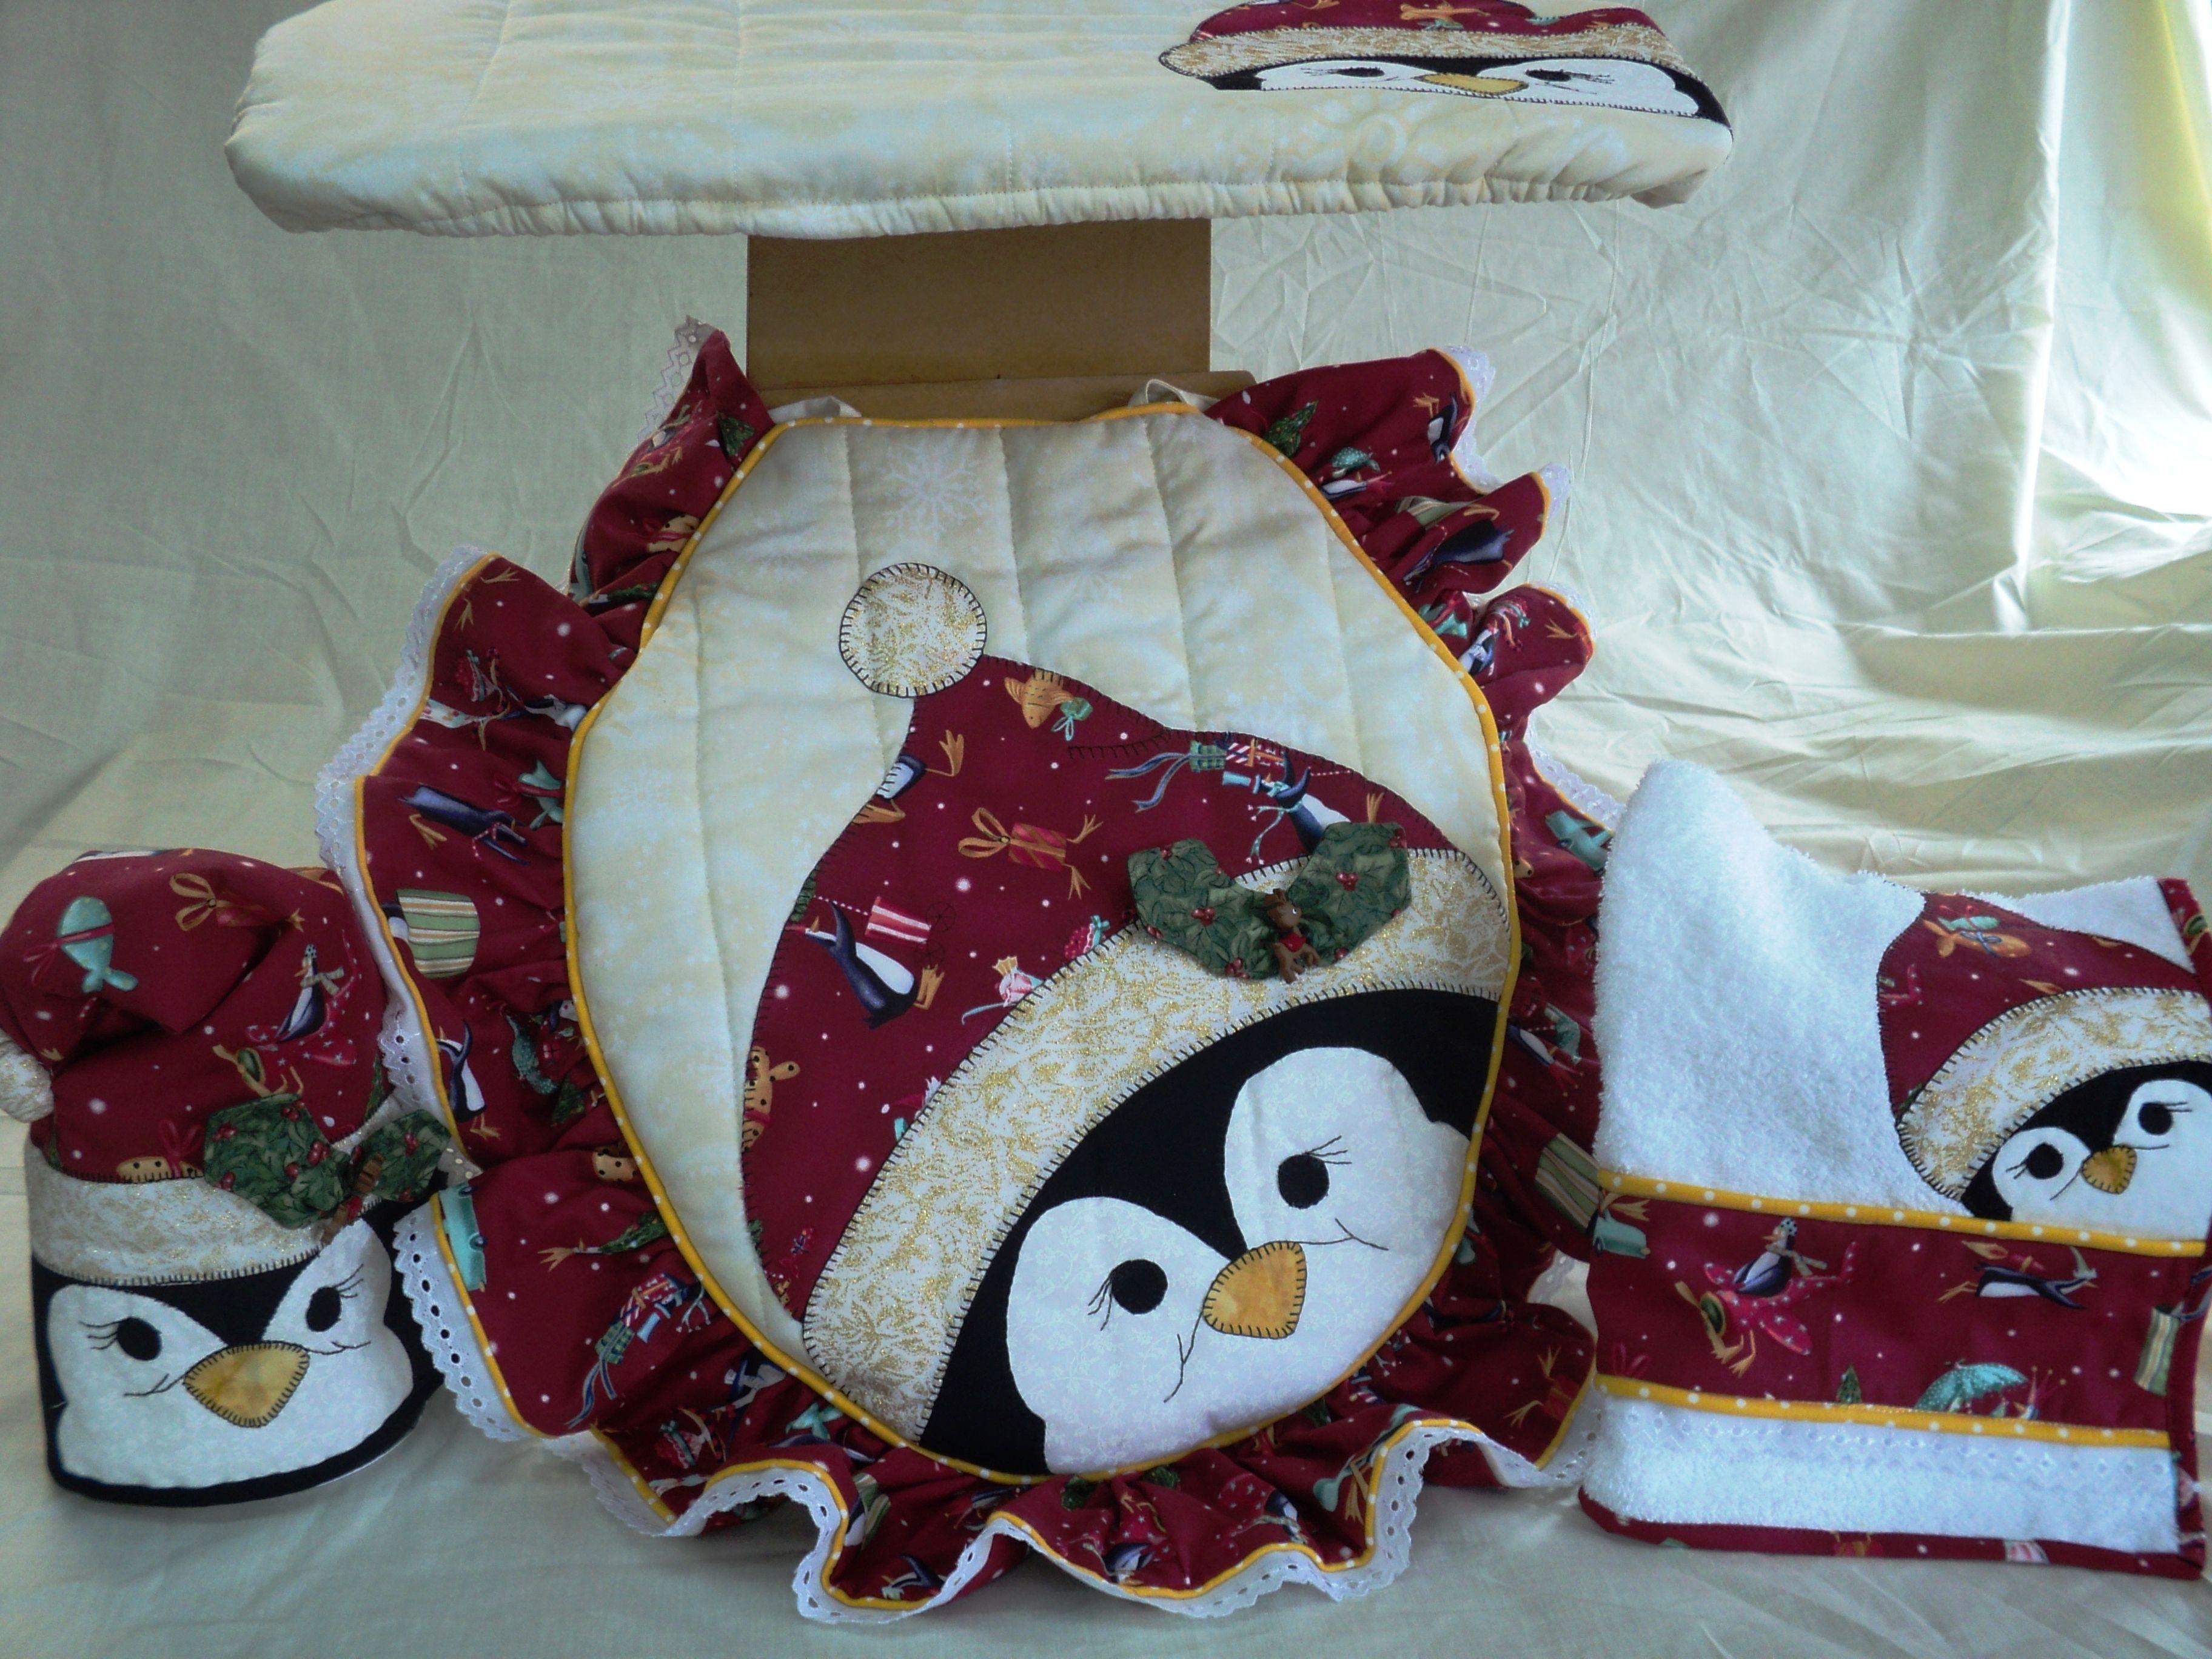 set de baÑo navideÑo de pinguino: tapa de poceta, tapa de tanque